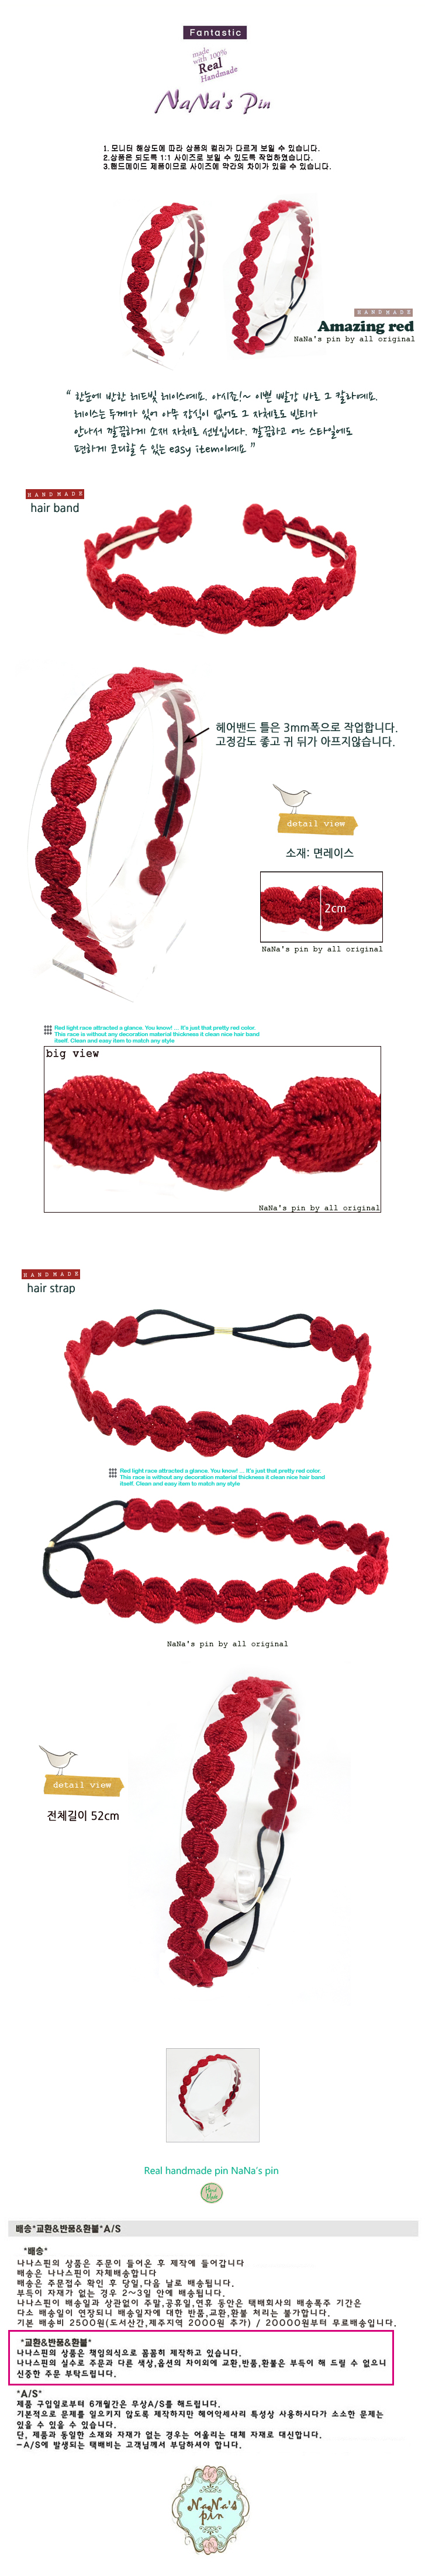 Amazing red - 나나스핀, 7,000원, 헤어핀/밴드/끈, 헤어밴드